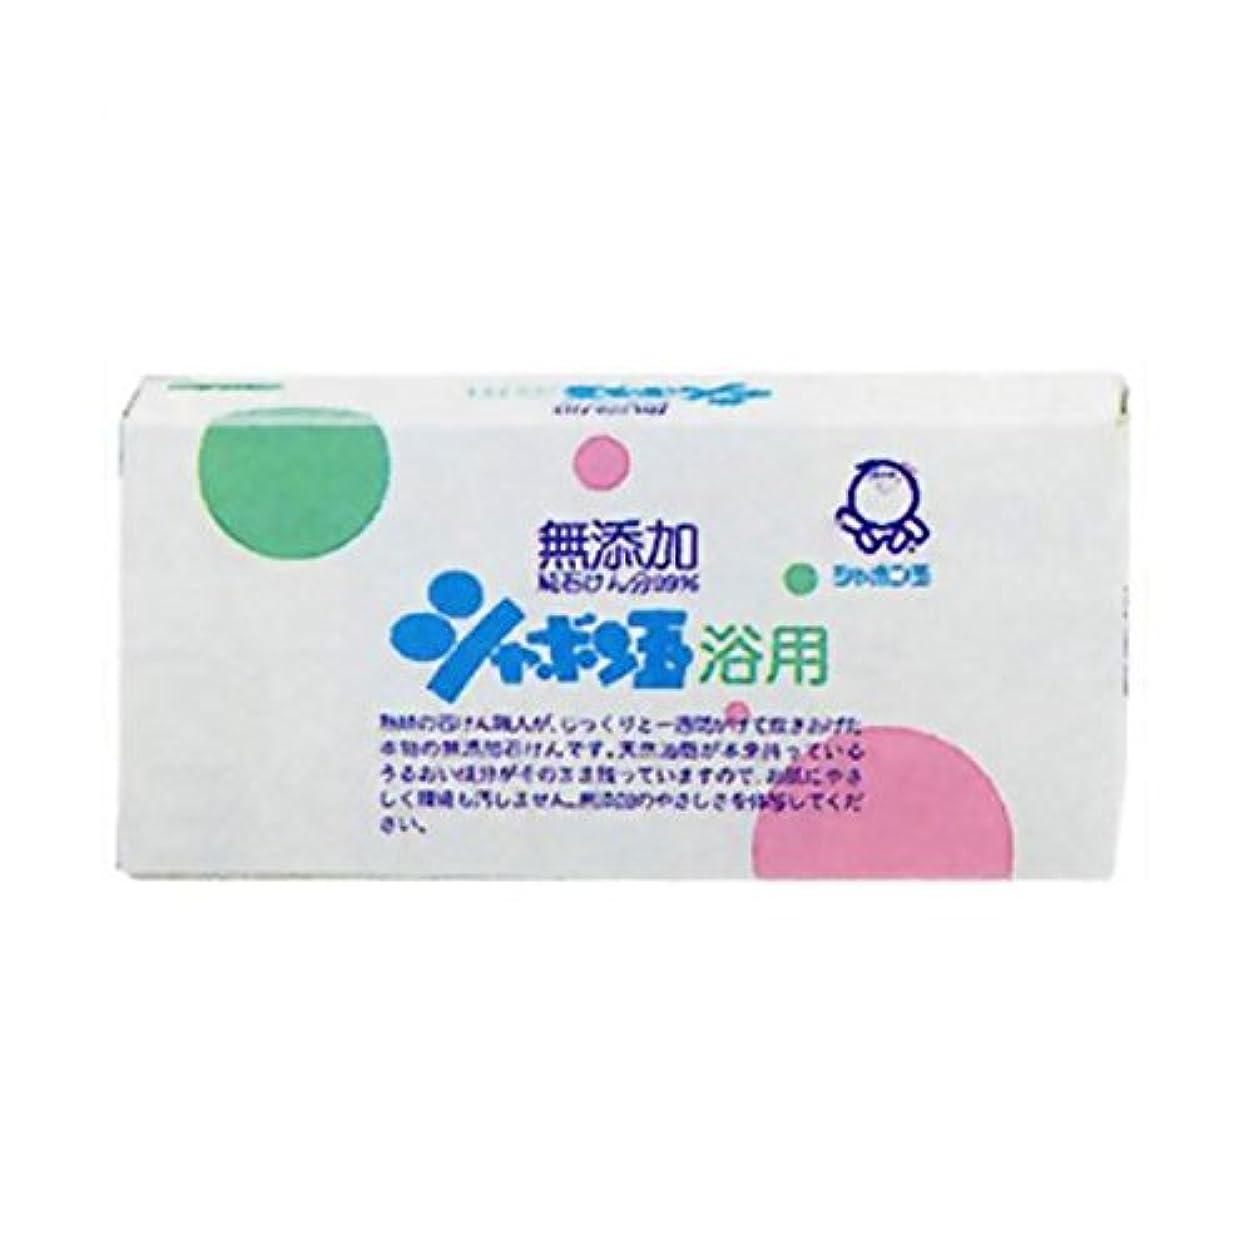 出口モトリー充電【お徳用 15 セット】 シャボン玉 浴用 石けん 100g×3個入(無添加石鹸)×15セット